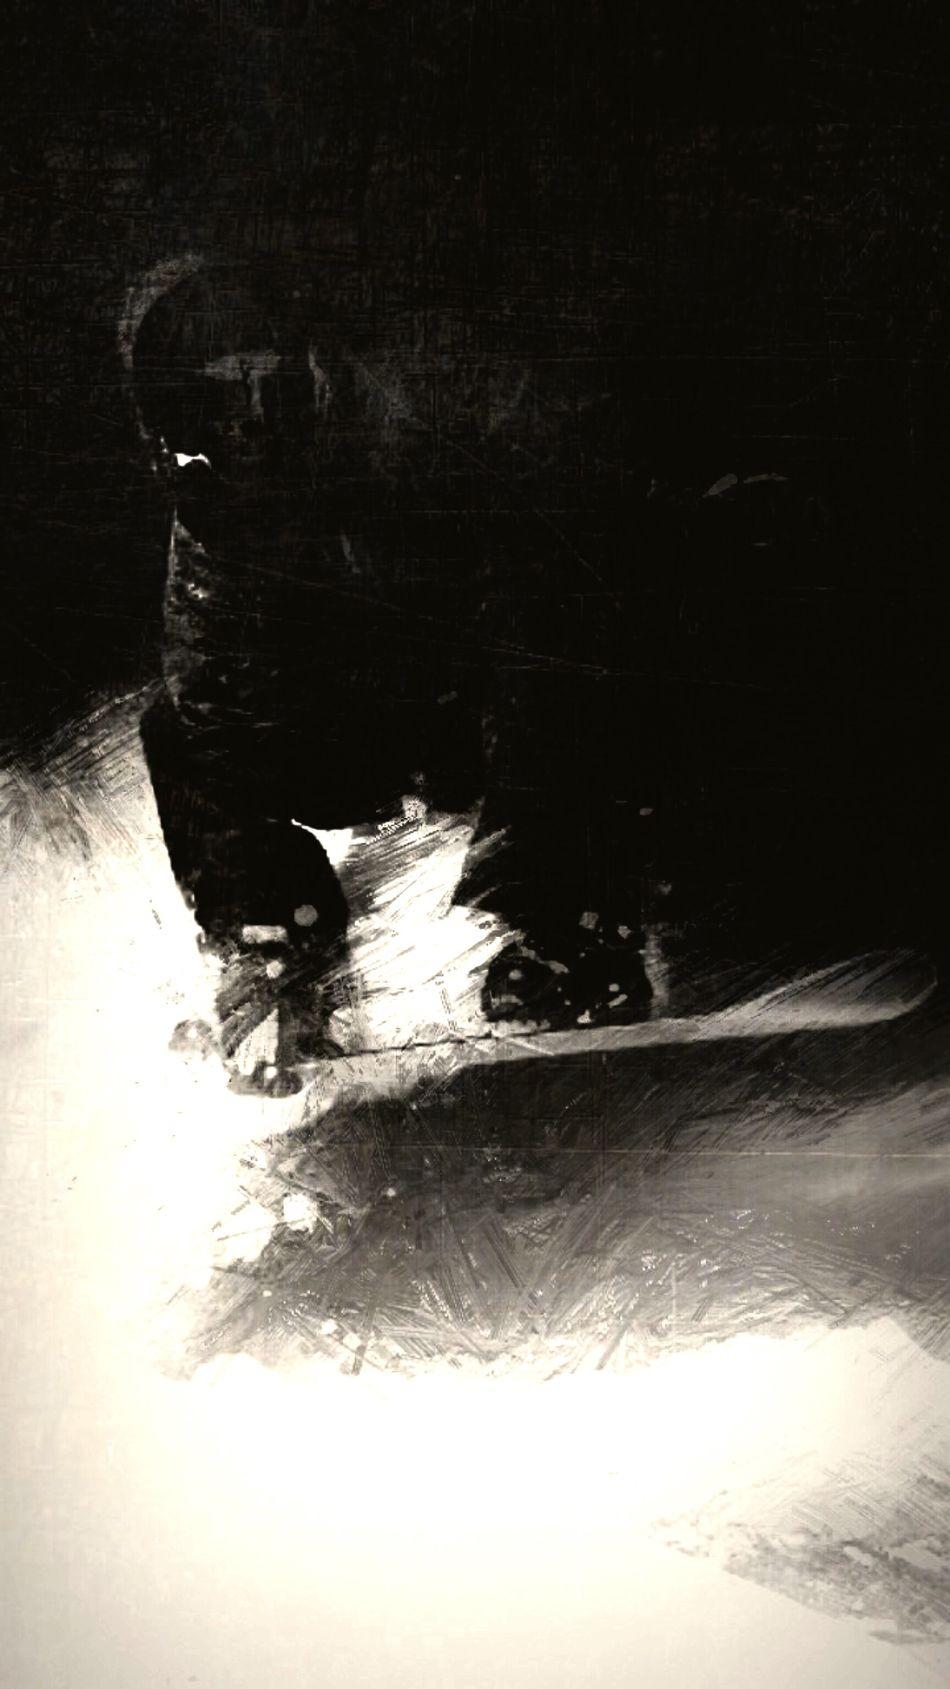 Variation Freestyle Monochrome Noir Et Blanc Sport Bon Week-end Black Crow Freshness Pump Up The Volume La Goulette Troie Immobile Allah Gives Him Long Age Inshallah